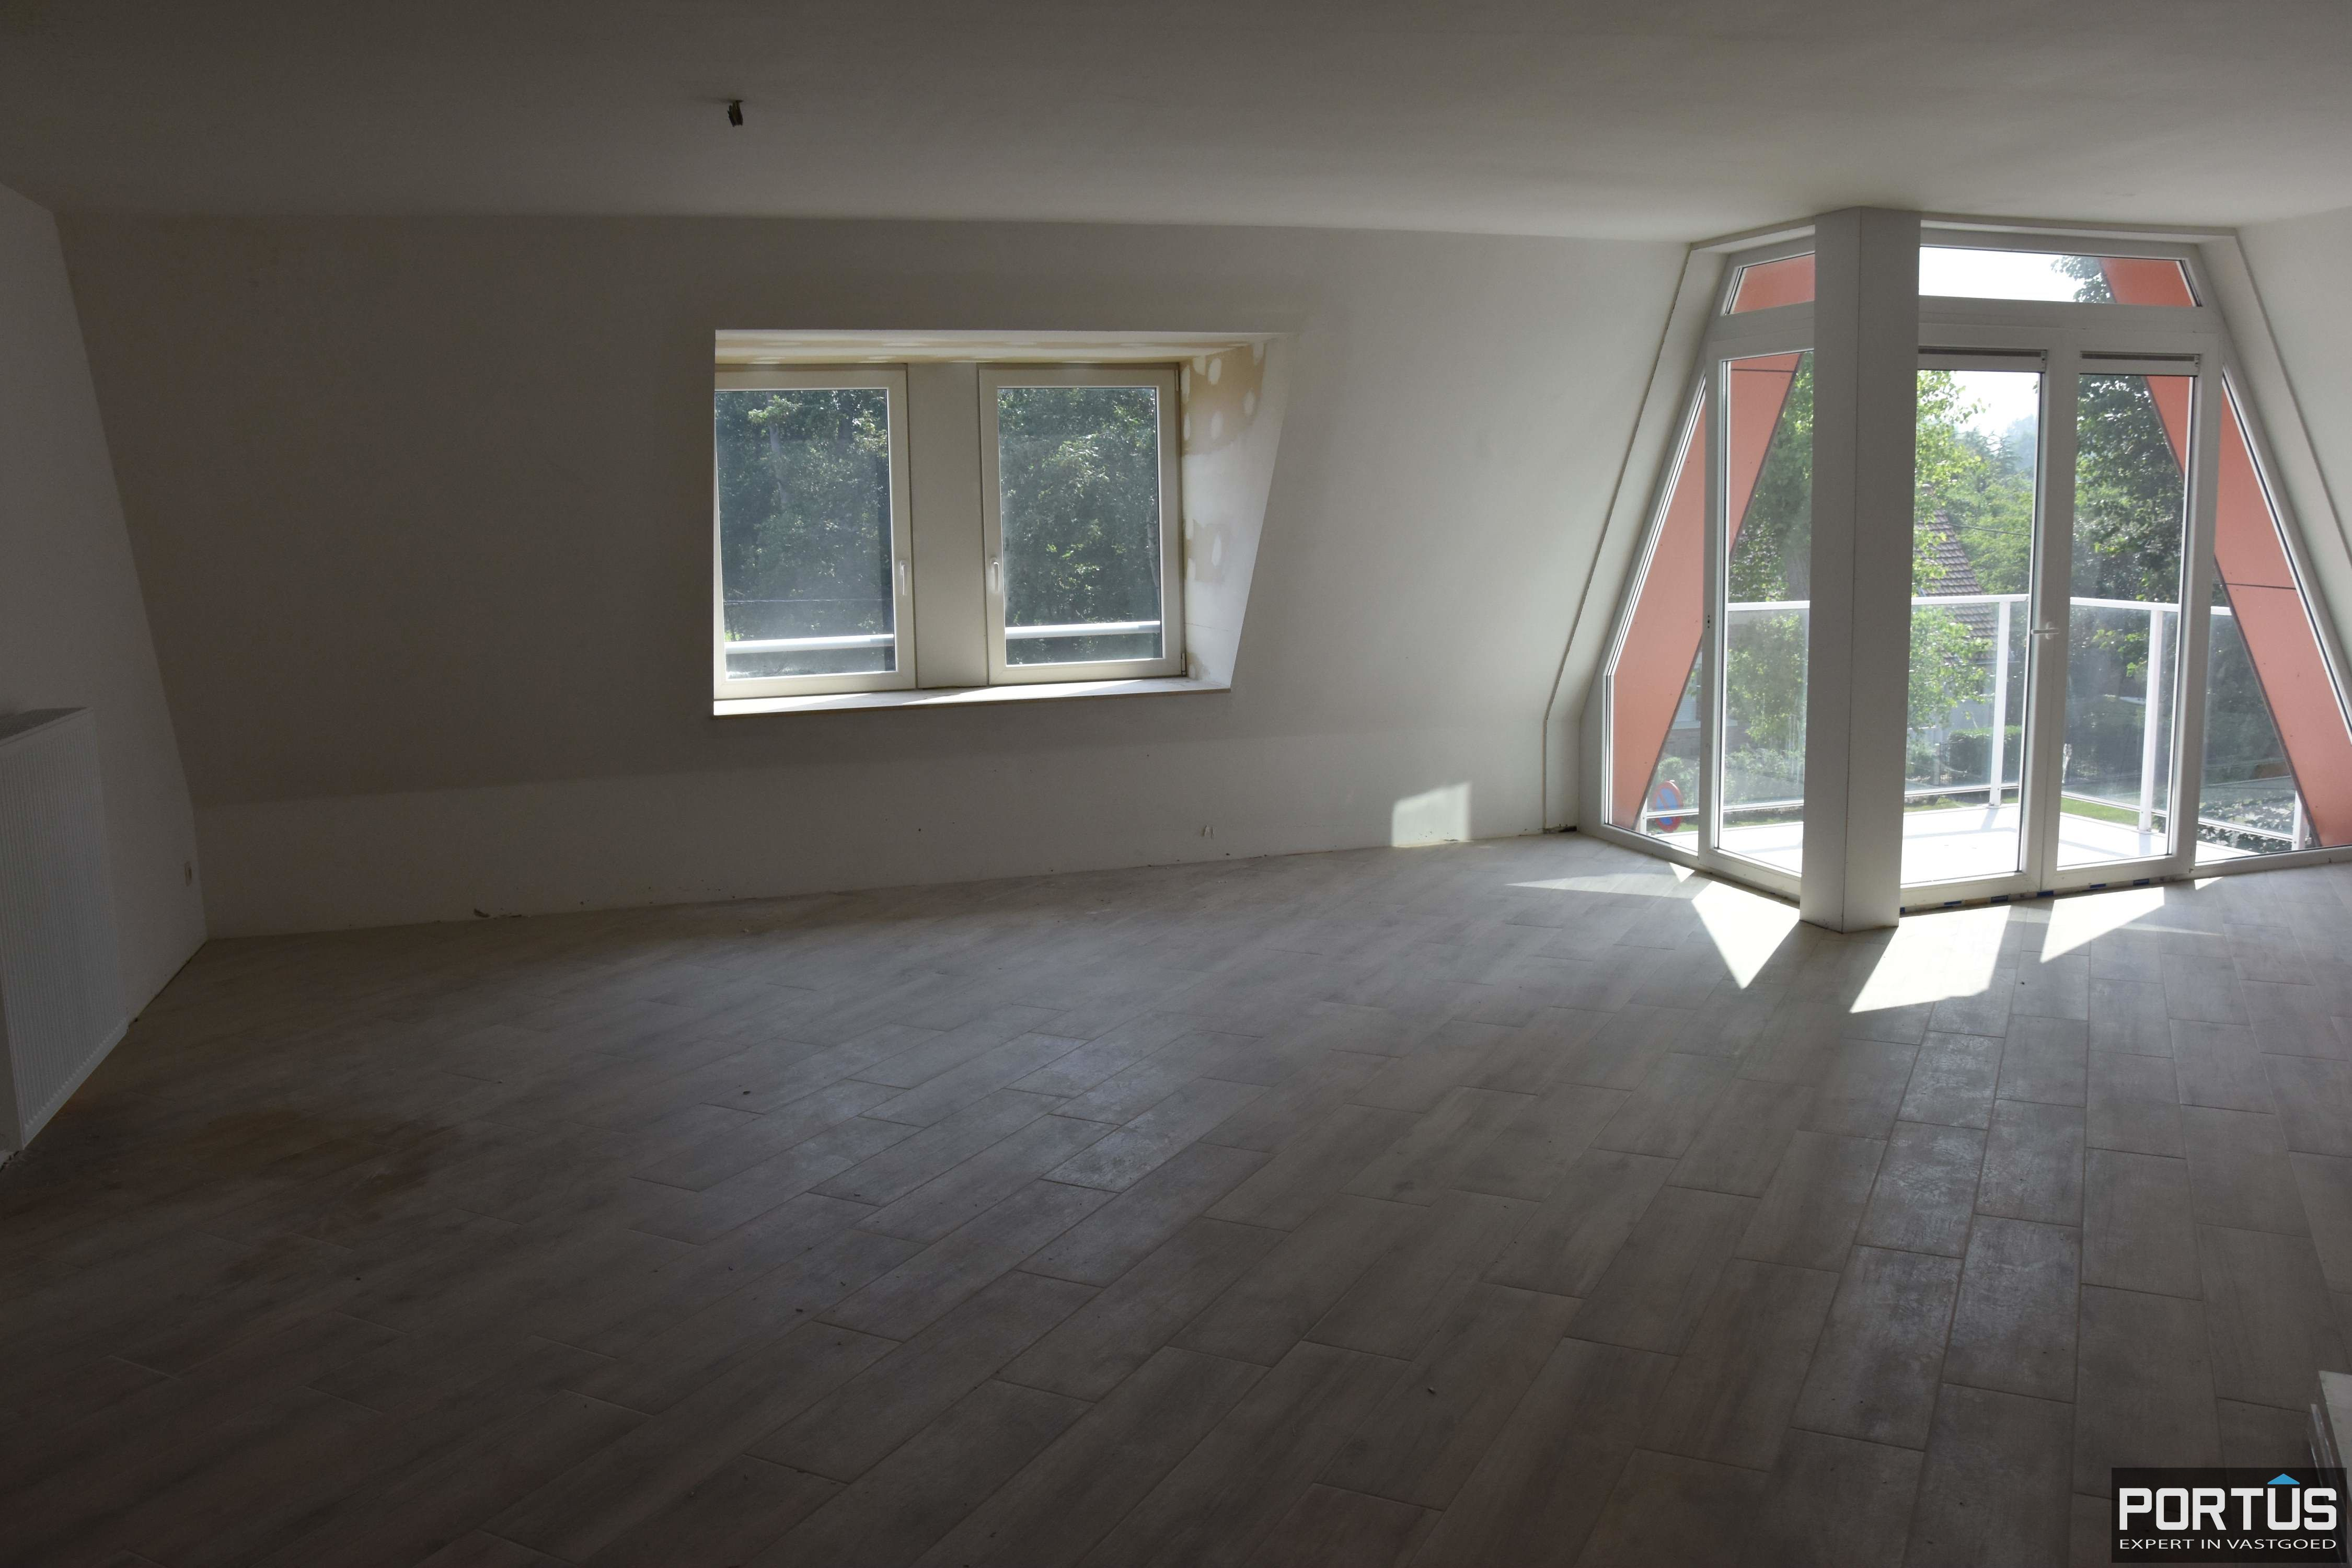 Appartement Residentie Villa Crombez Nieuwpoort - 8360